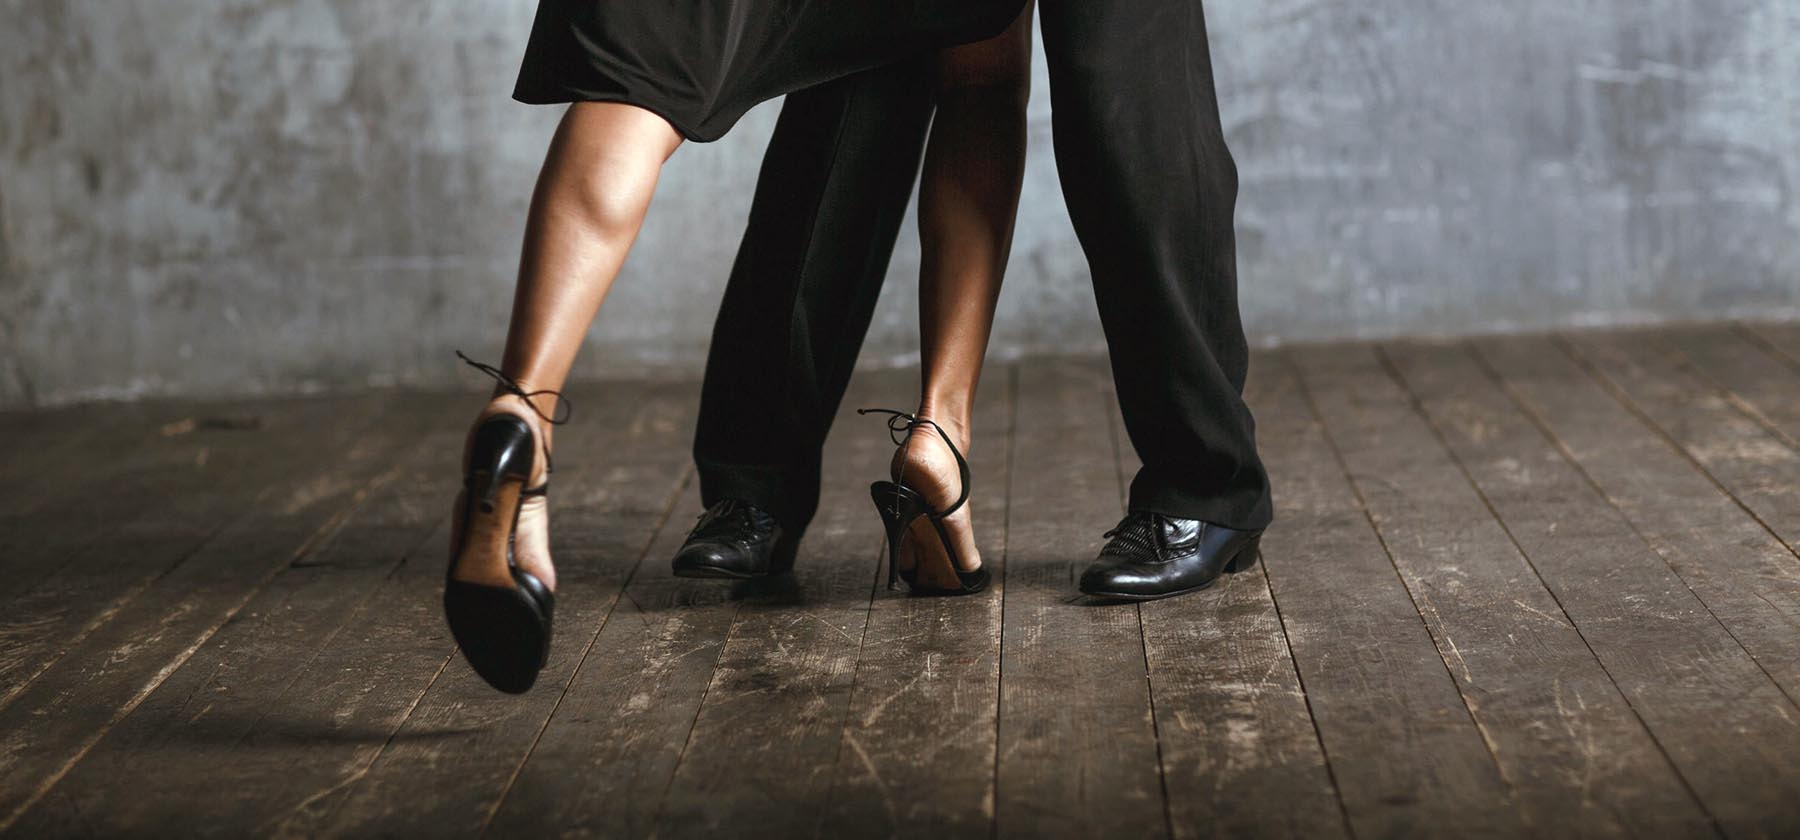 pies de una pareja bailando un tango